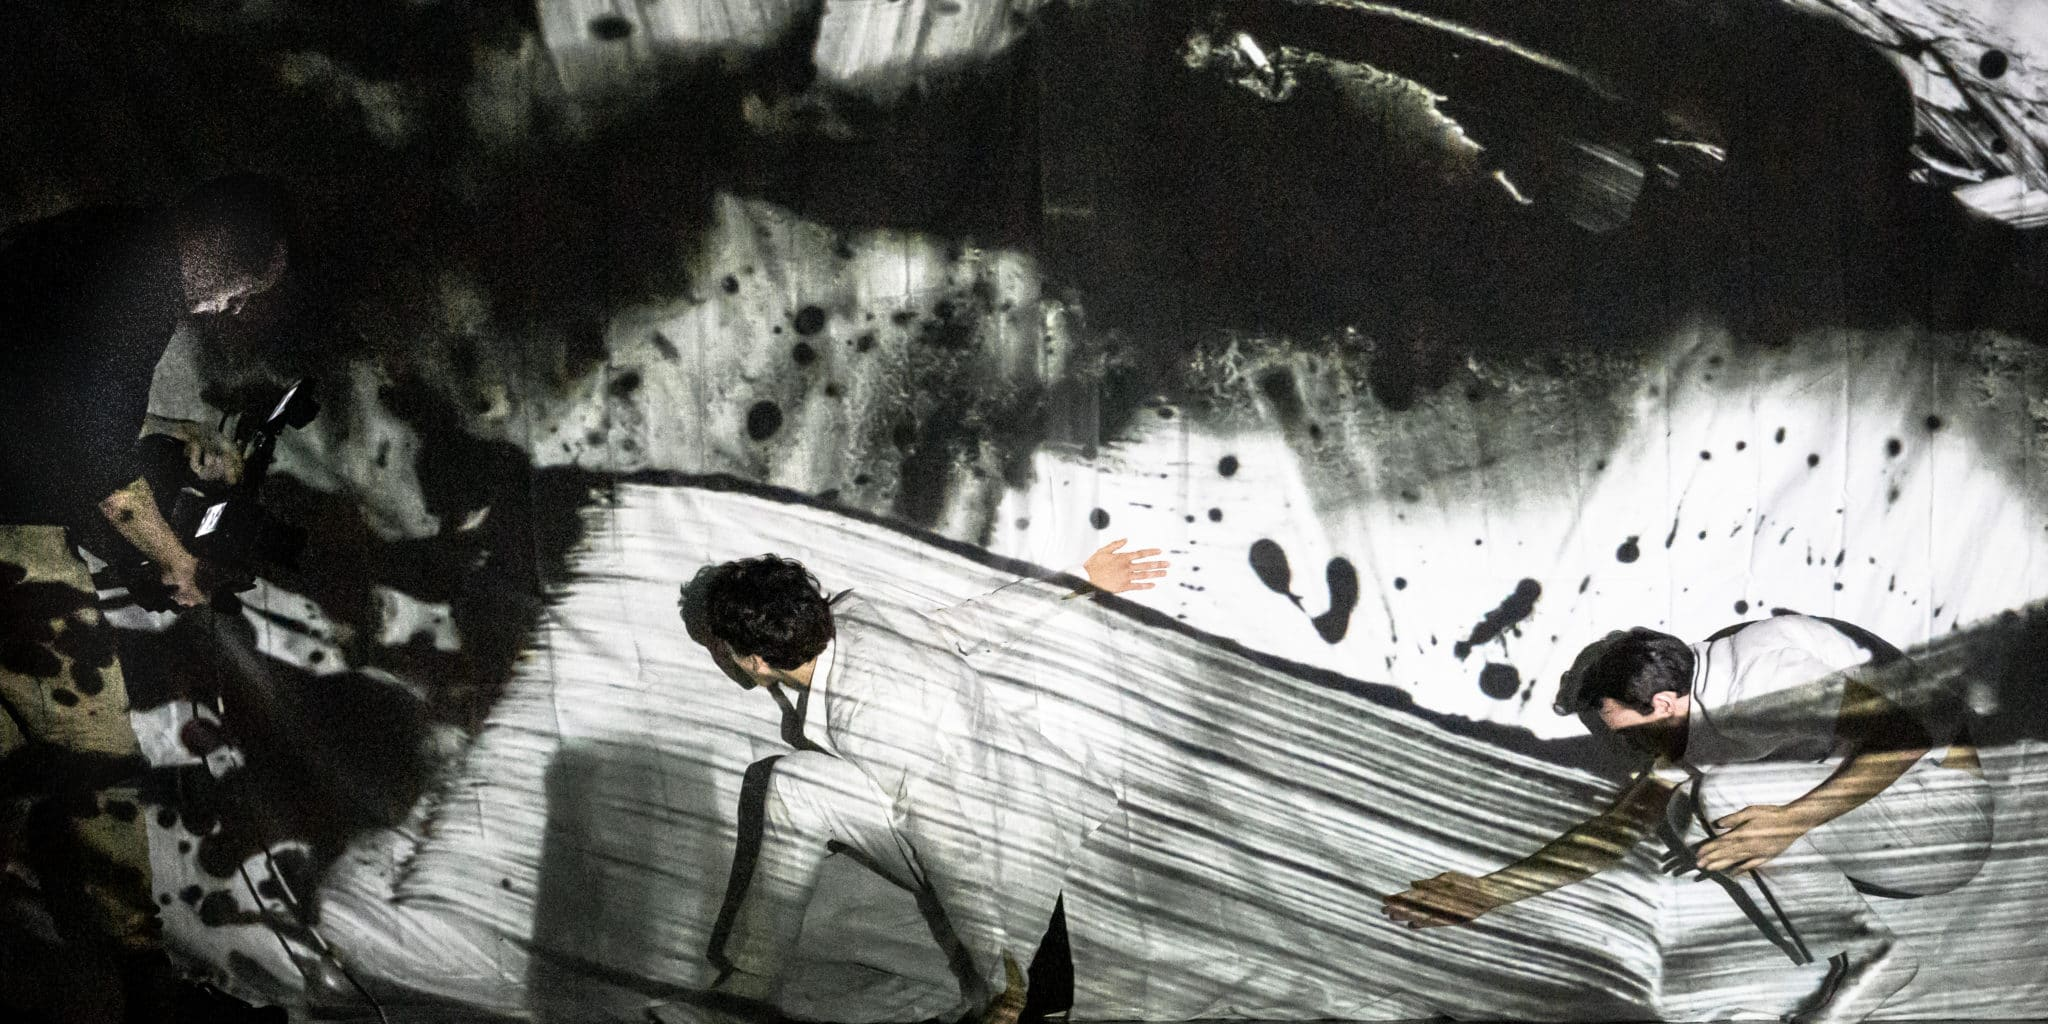 Dansere filmas framför en projicerad tegning